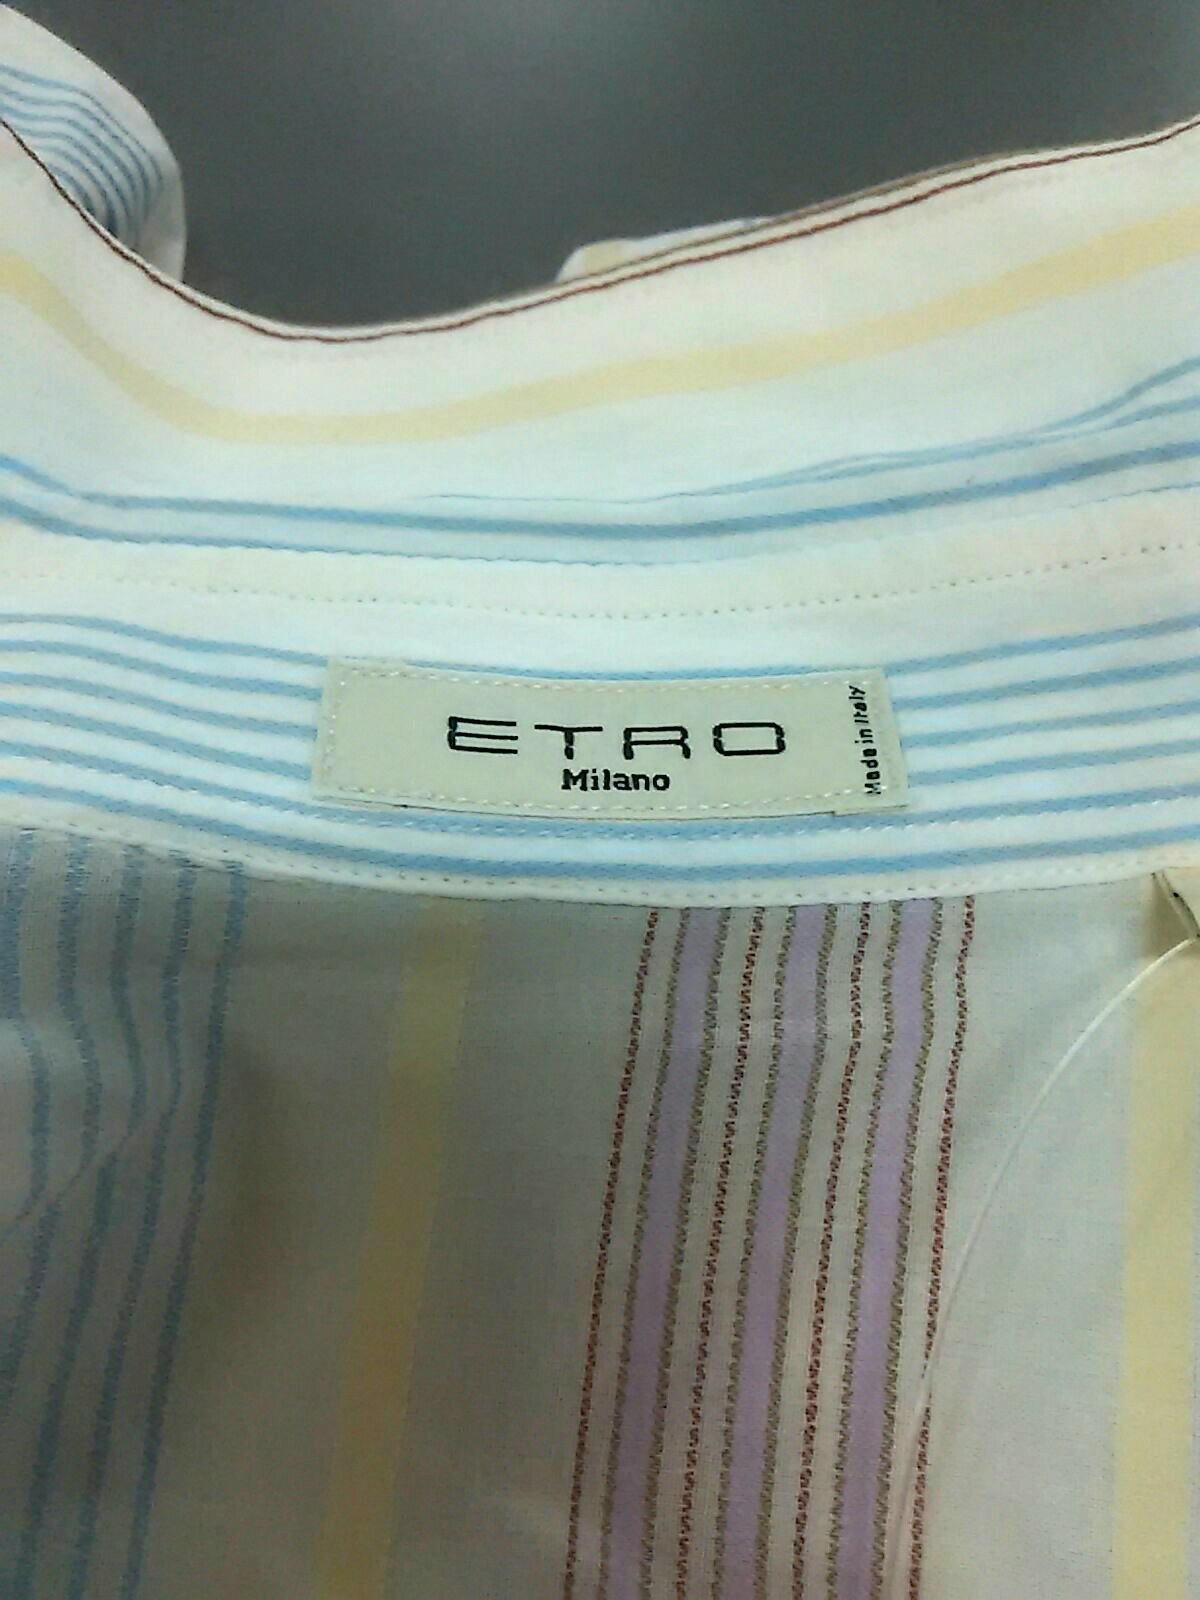 ETRO(エトロ)のシャツブラウス